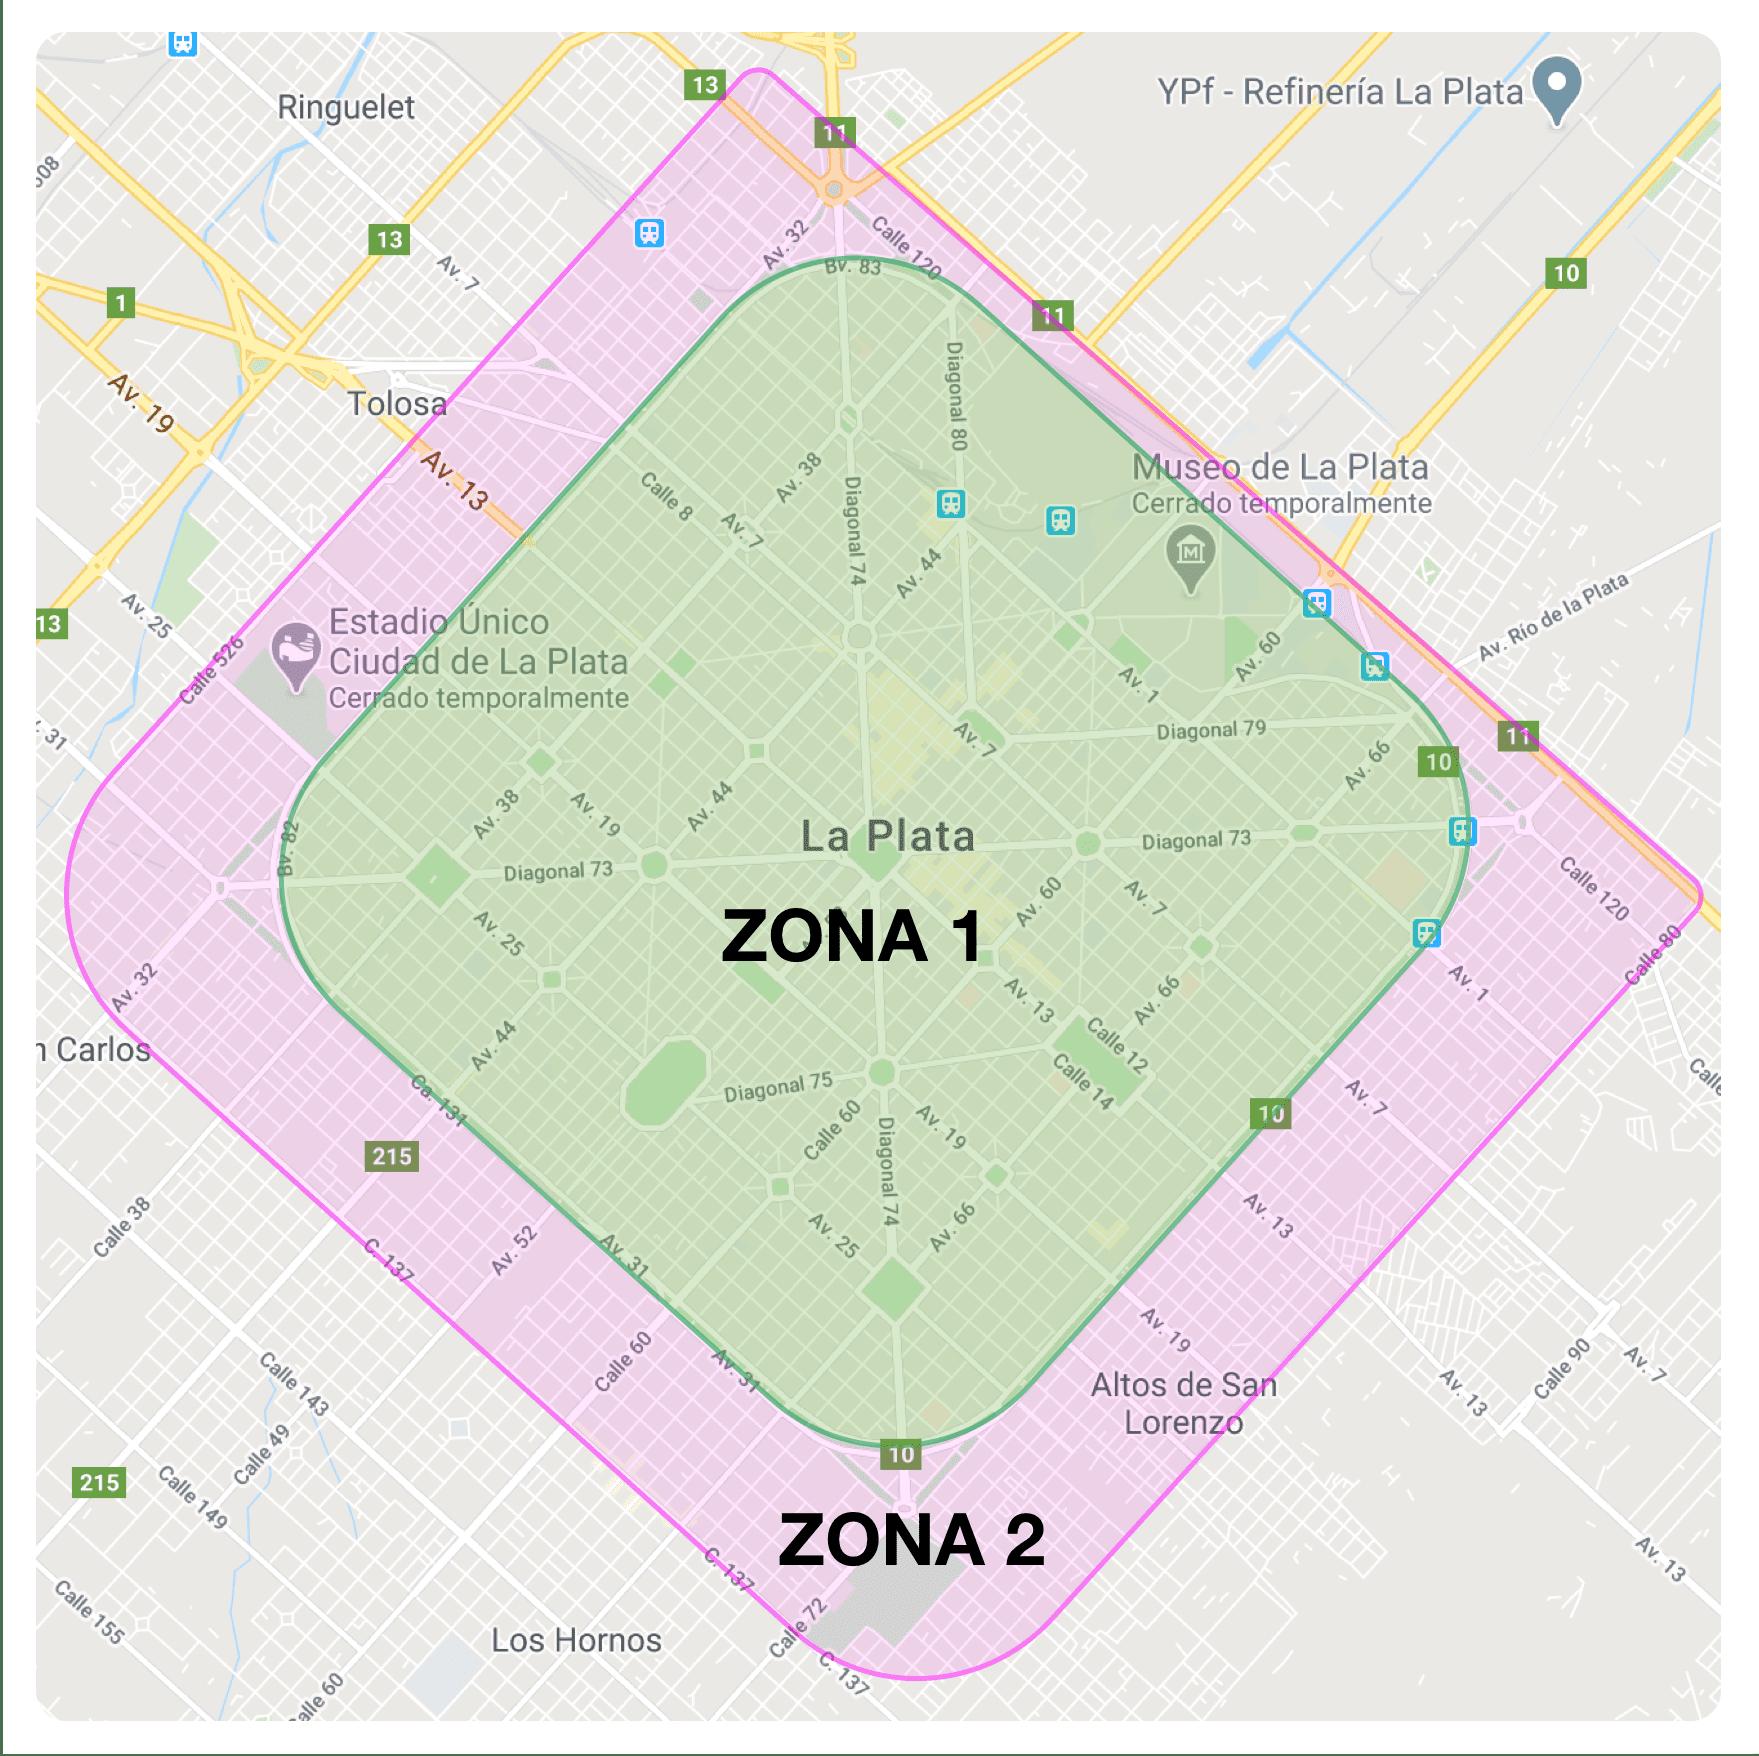 Zonas de envíos 1 y 2